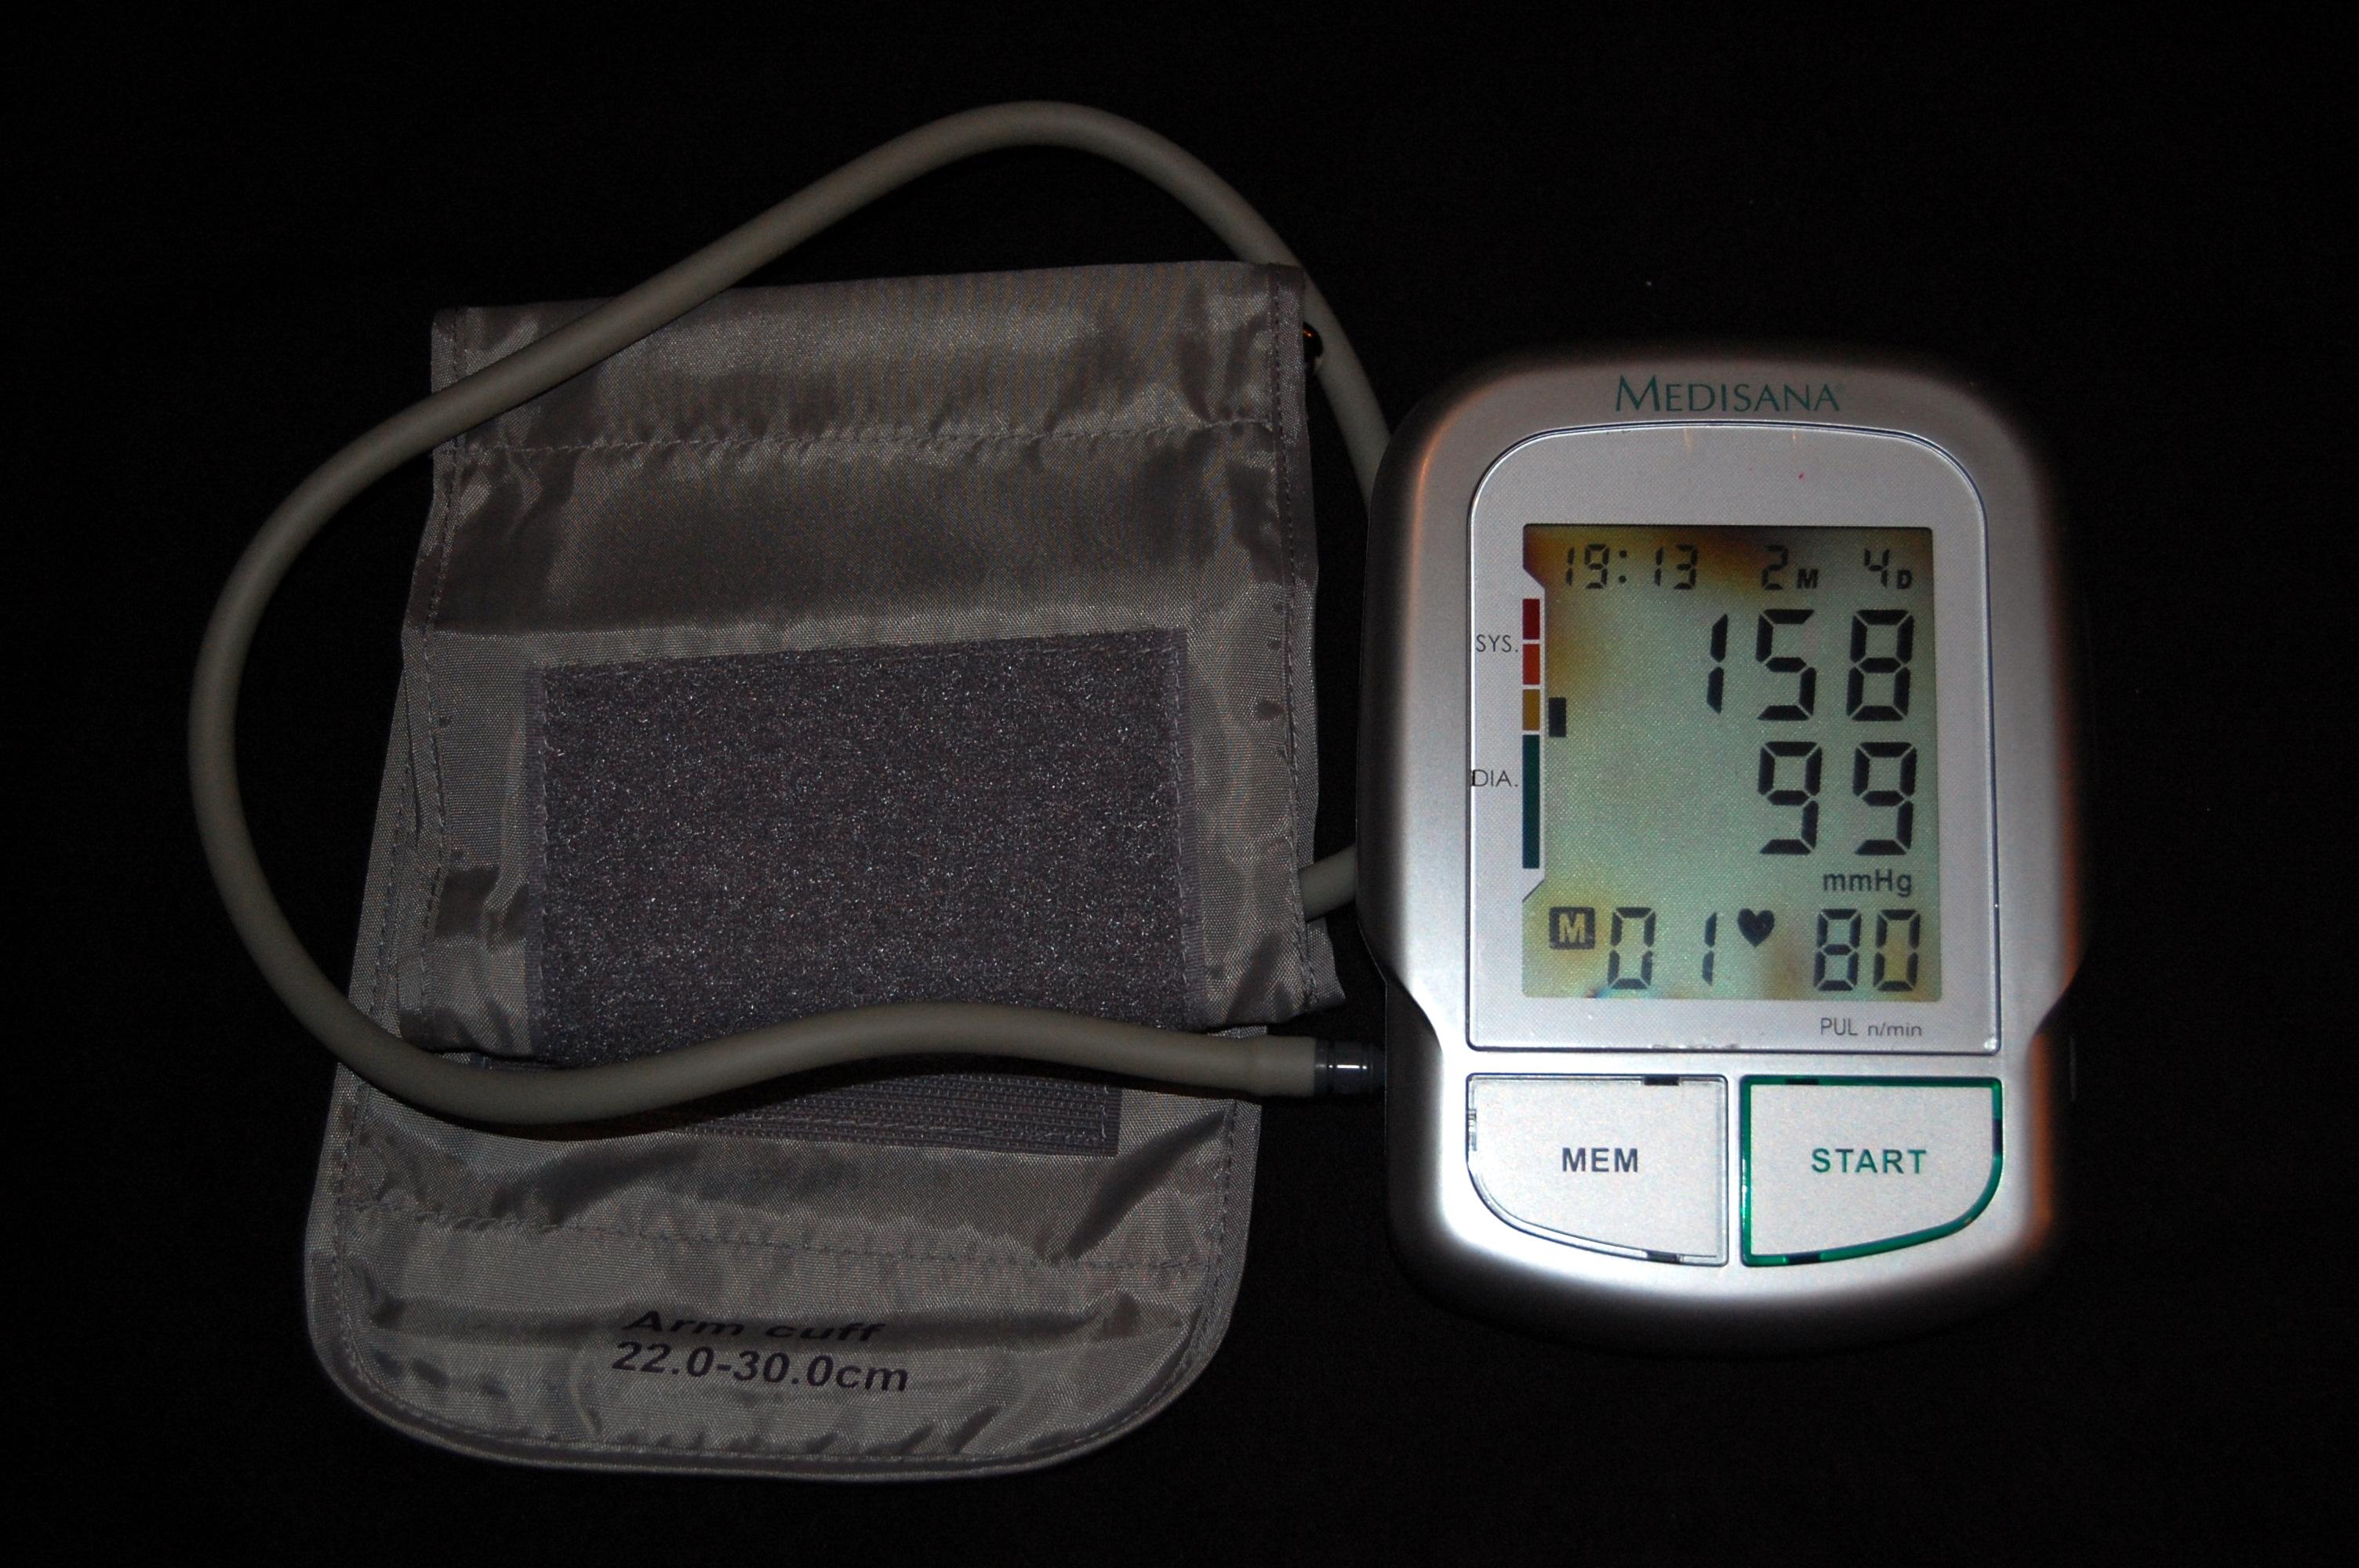 hipertenzija slab lijekovi za visoki krvni tlak koji utječu na potenciju